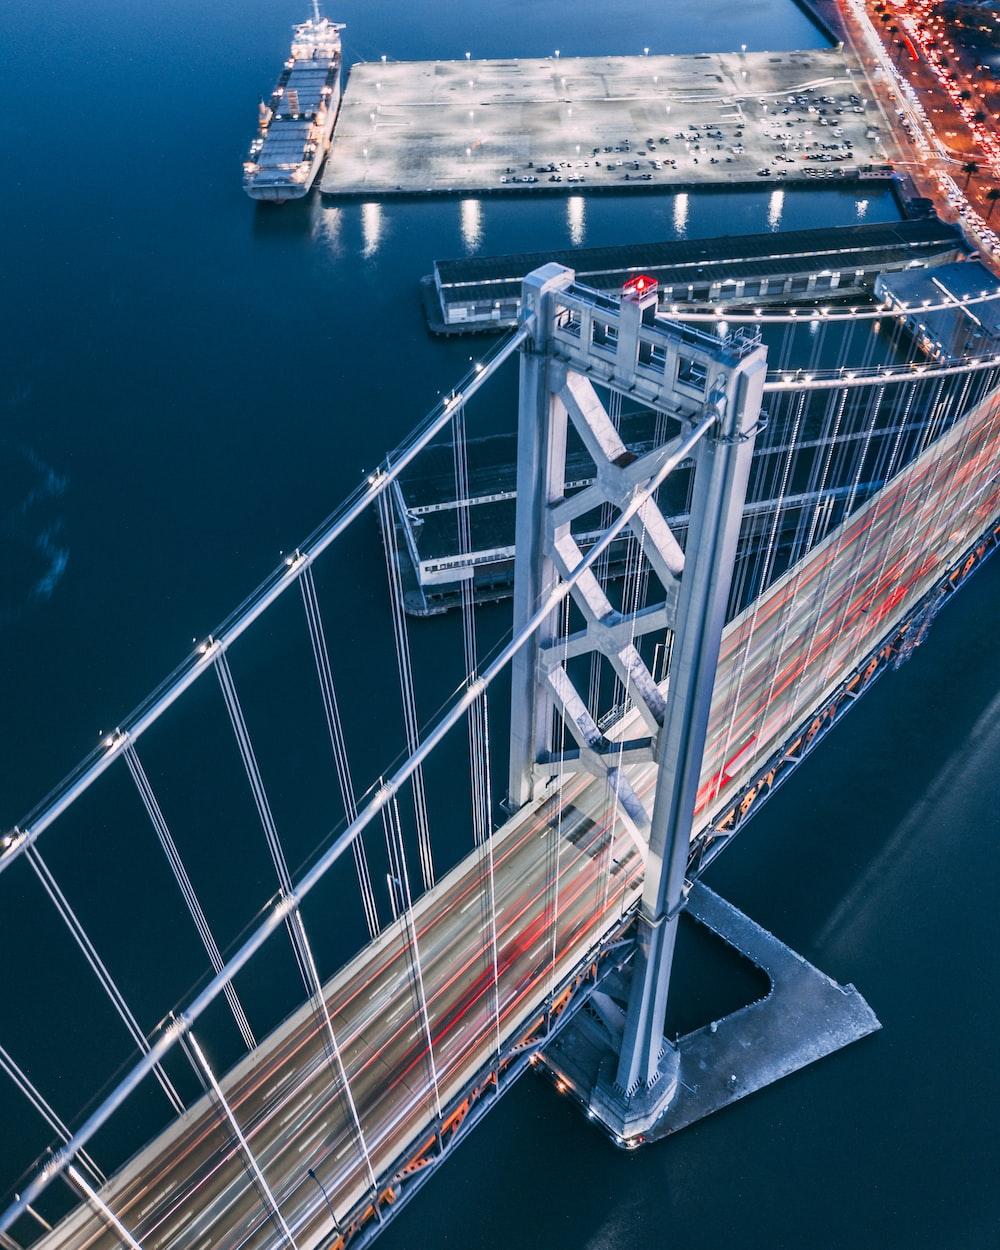 top view of bridge over body of water